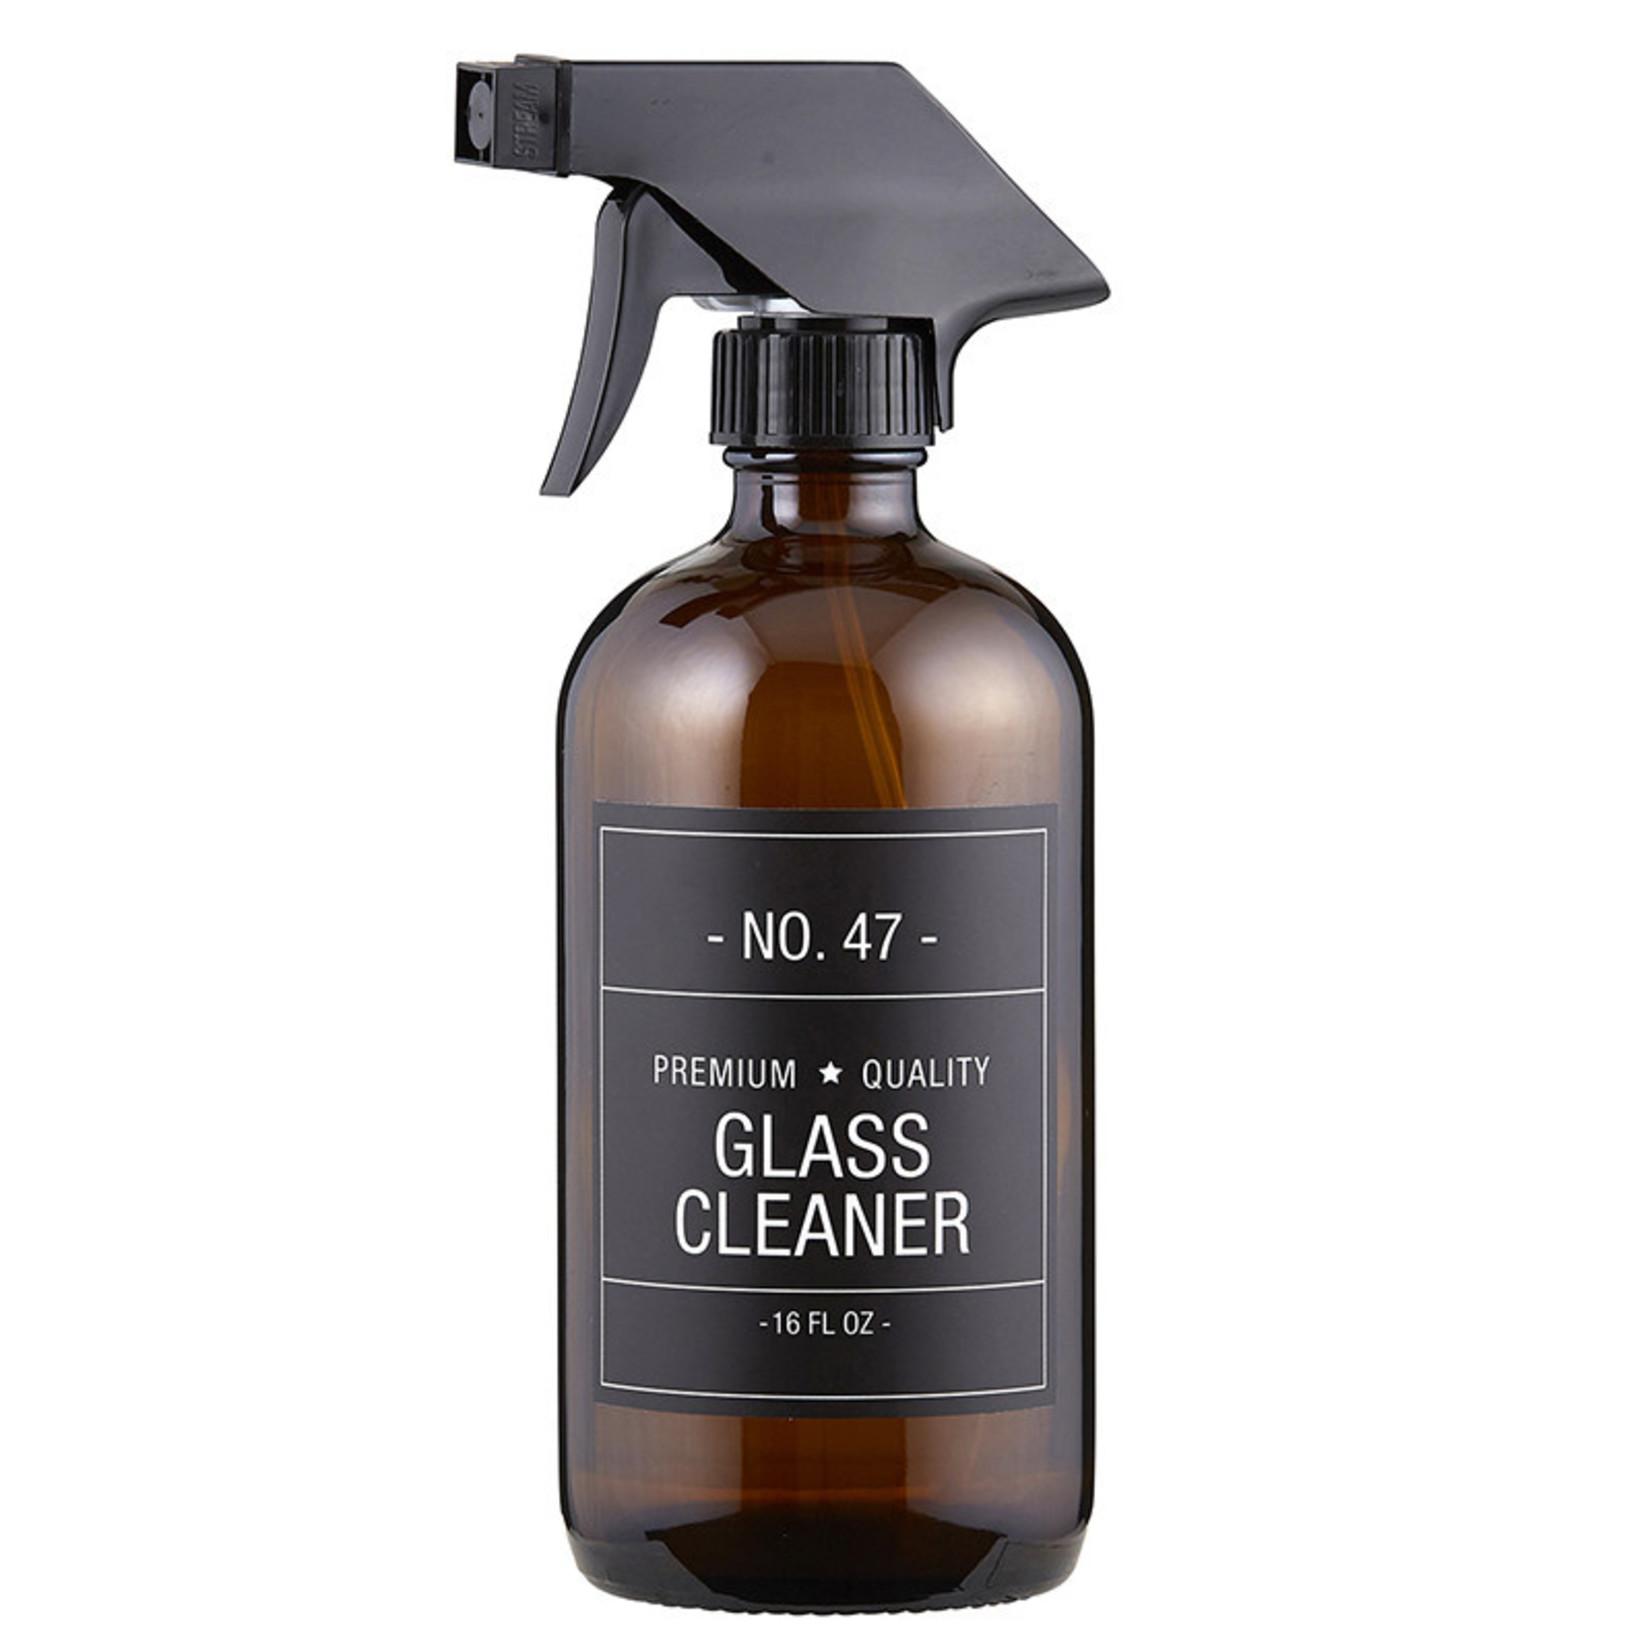 Glass Cleaner Bottle, Black Label